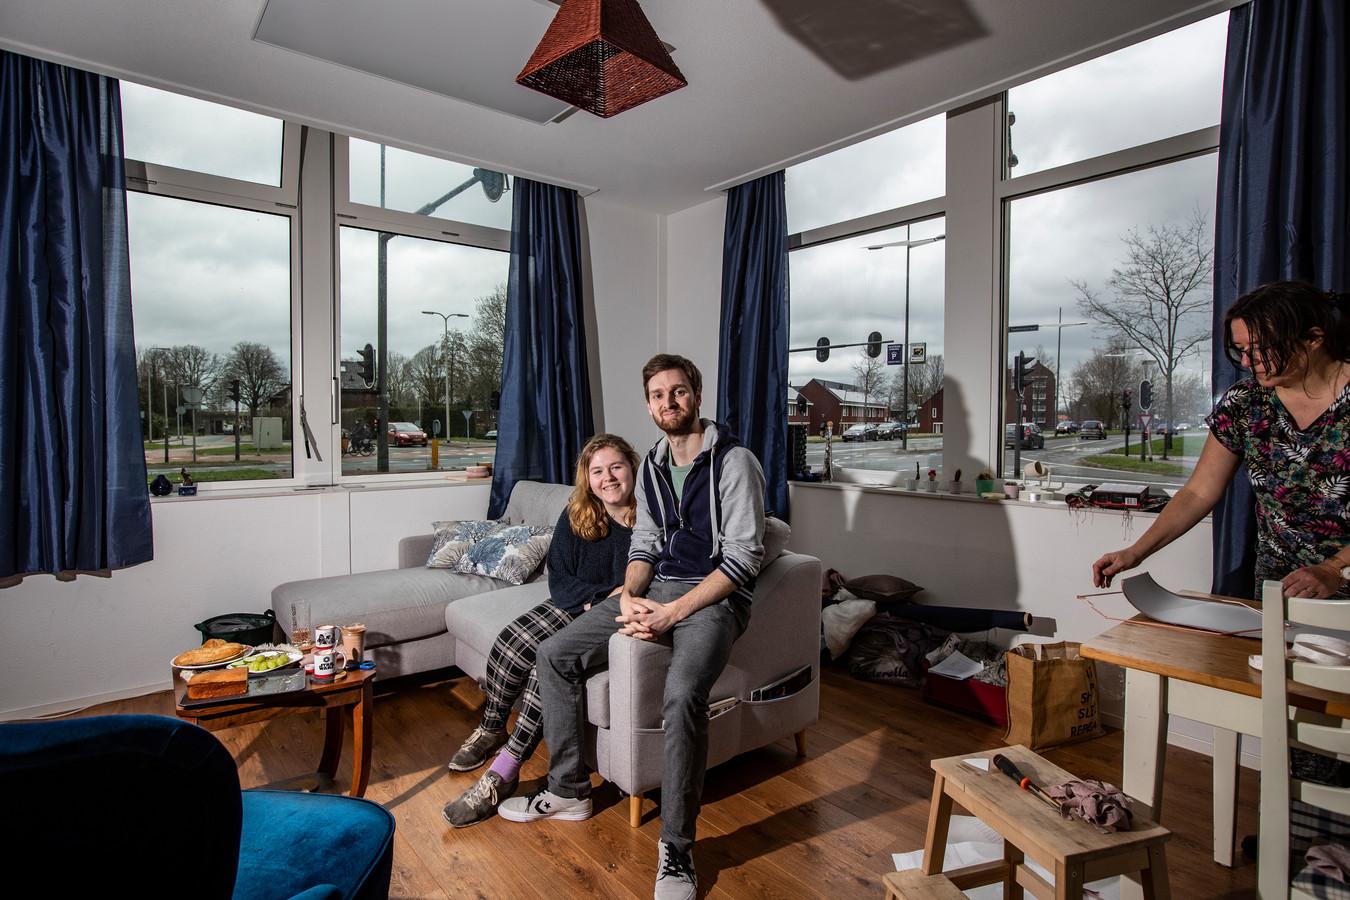 Ze wonen pal aan ded rukke  kruising Snipperlingsdijk/Veenweg, maar toch is het best rustig in het voormalige bankierspand. Ook dat pand is tot appartementen omgebouwd in de strijd tegen de woningschaarste in Deventer. ,,Het is goed geïsoleerd, centraal gelegen, we zijn blij dat we met wat geluk woonruimte in Deventer hebben gevonden'', zeggen Doron en Dorris.